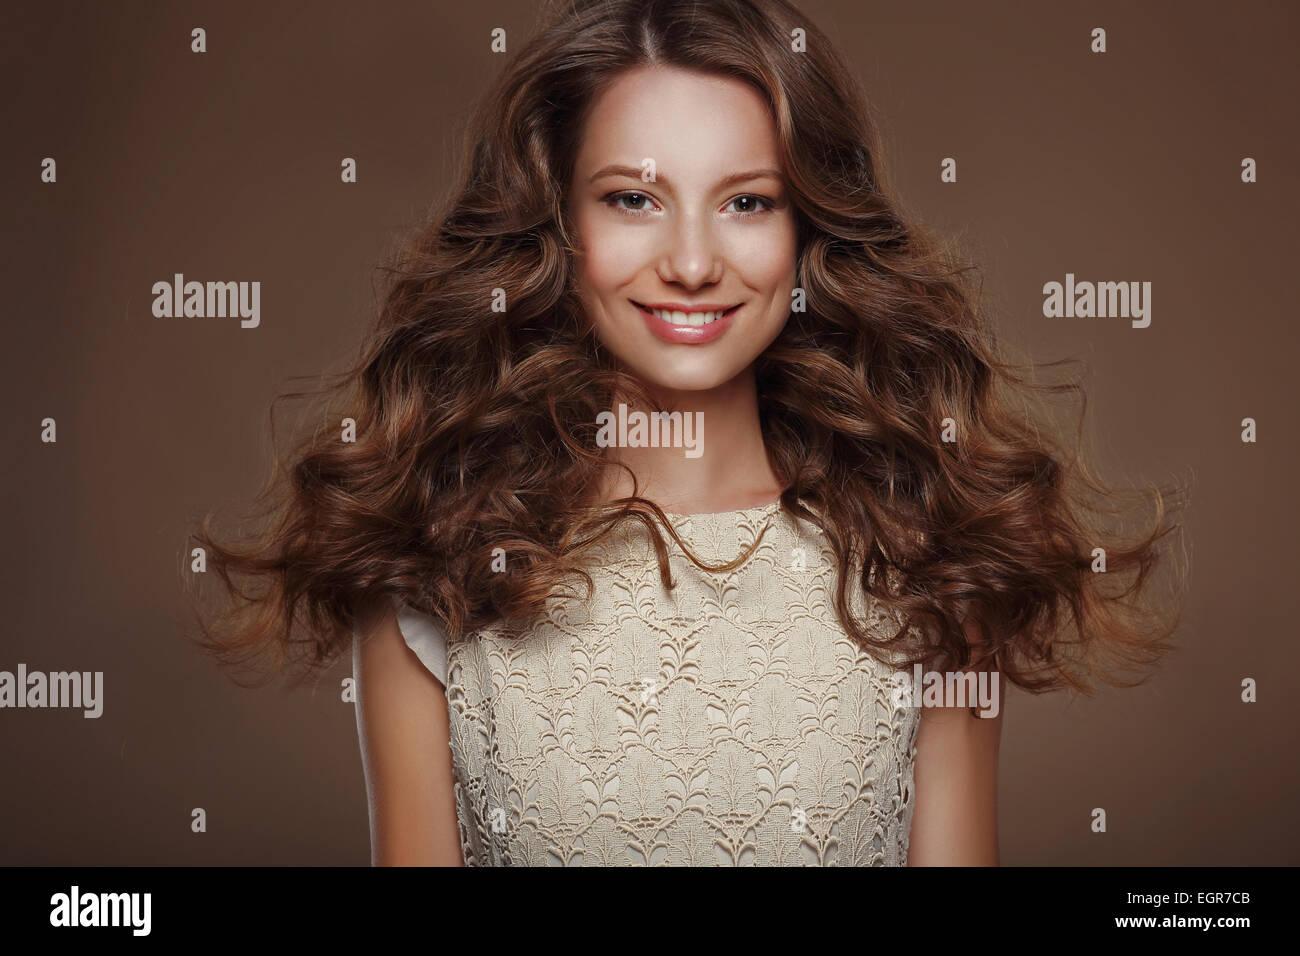 Bella felice bruna con lunghi capelli ricci Immagini Stock